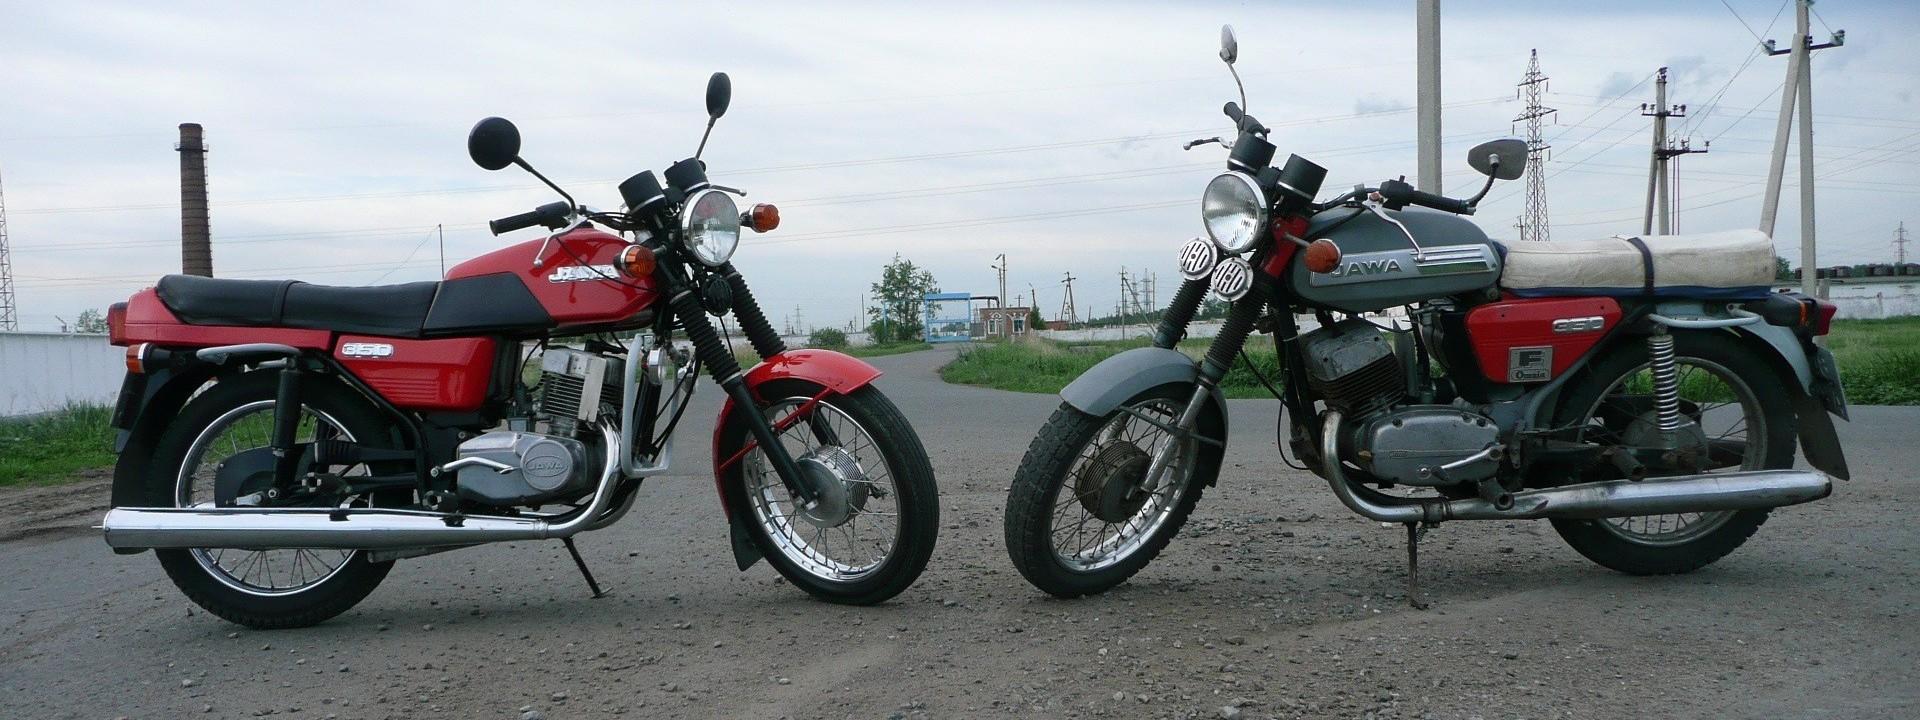 bc7ea5u-960